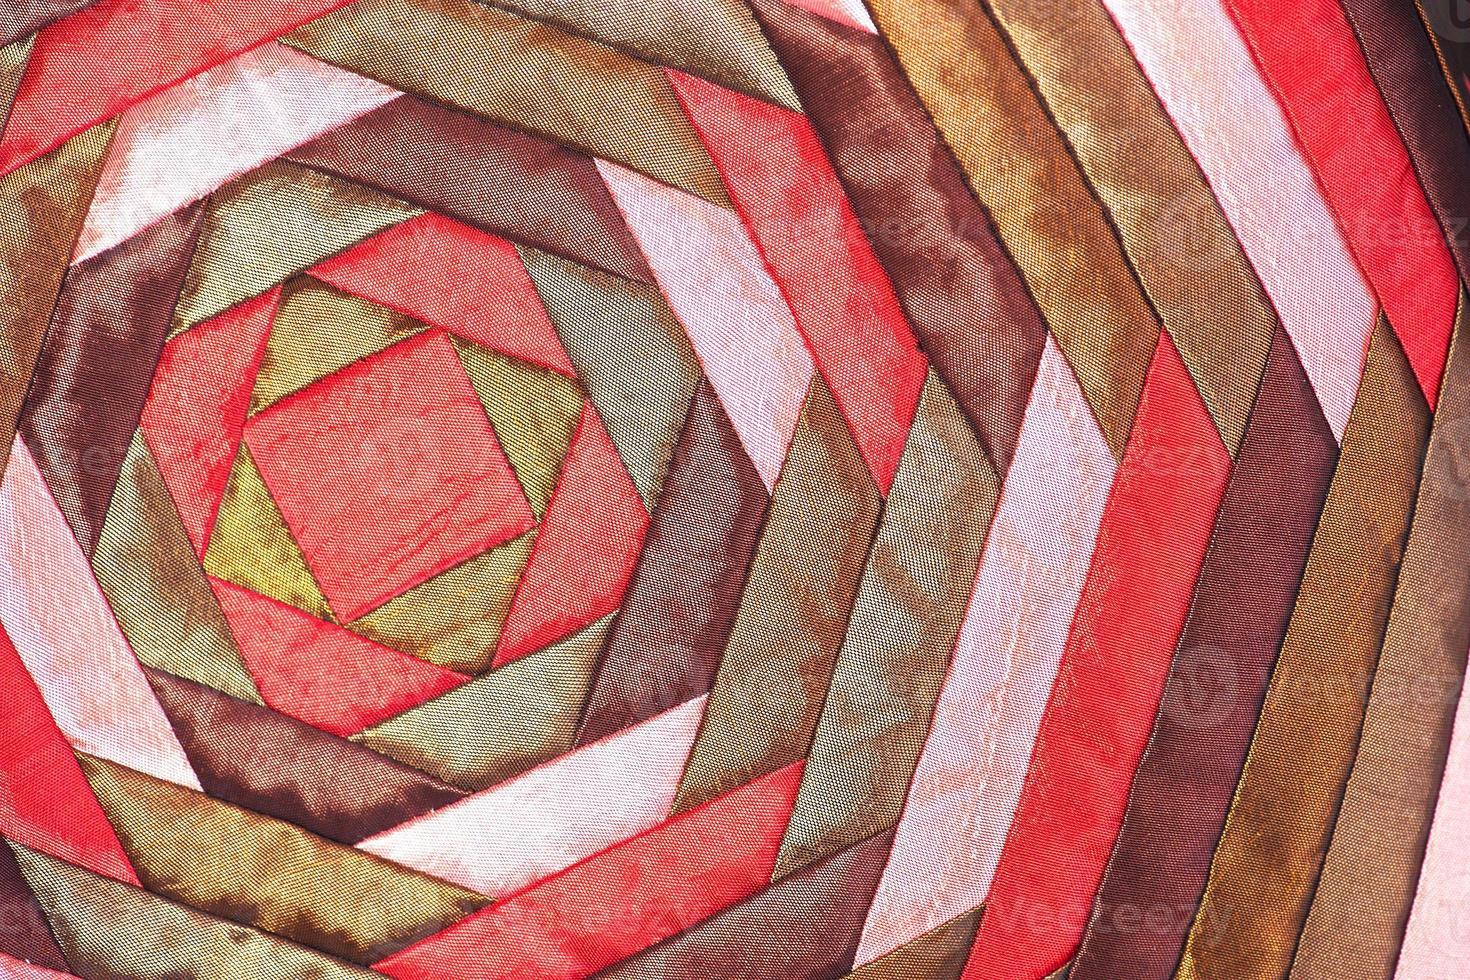 kleurrijke Thaise zijde handwerk Peruaanse stijl tapijt oppervlak close-up foto